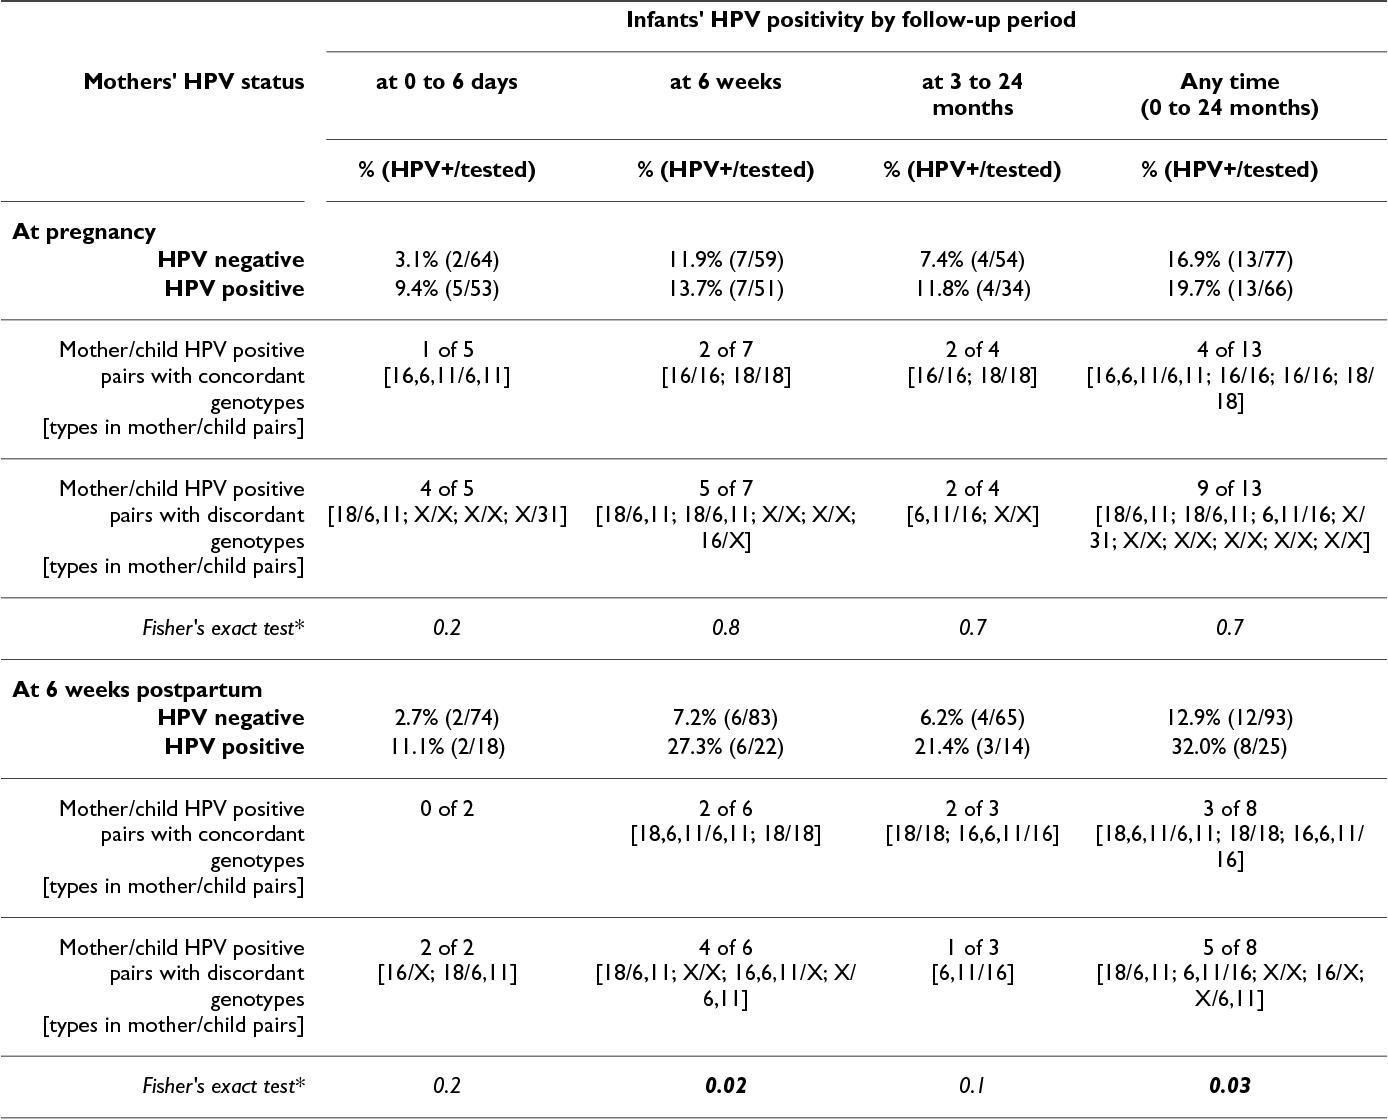 human papillomavirus infection in newborns